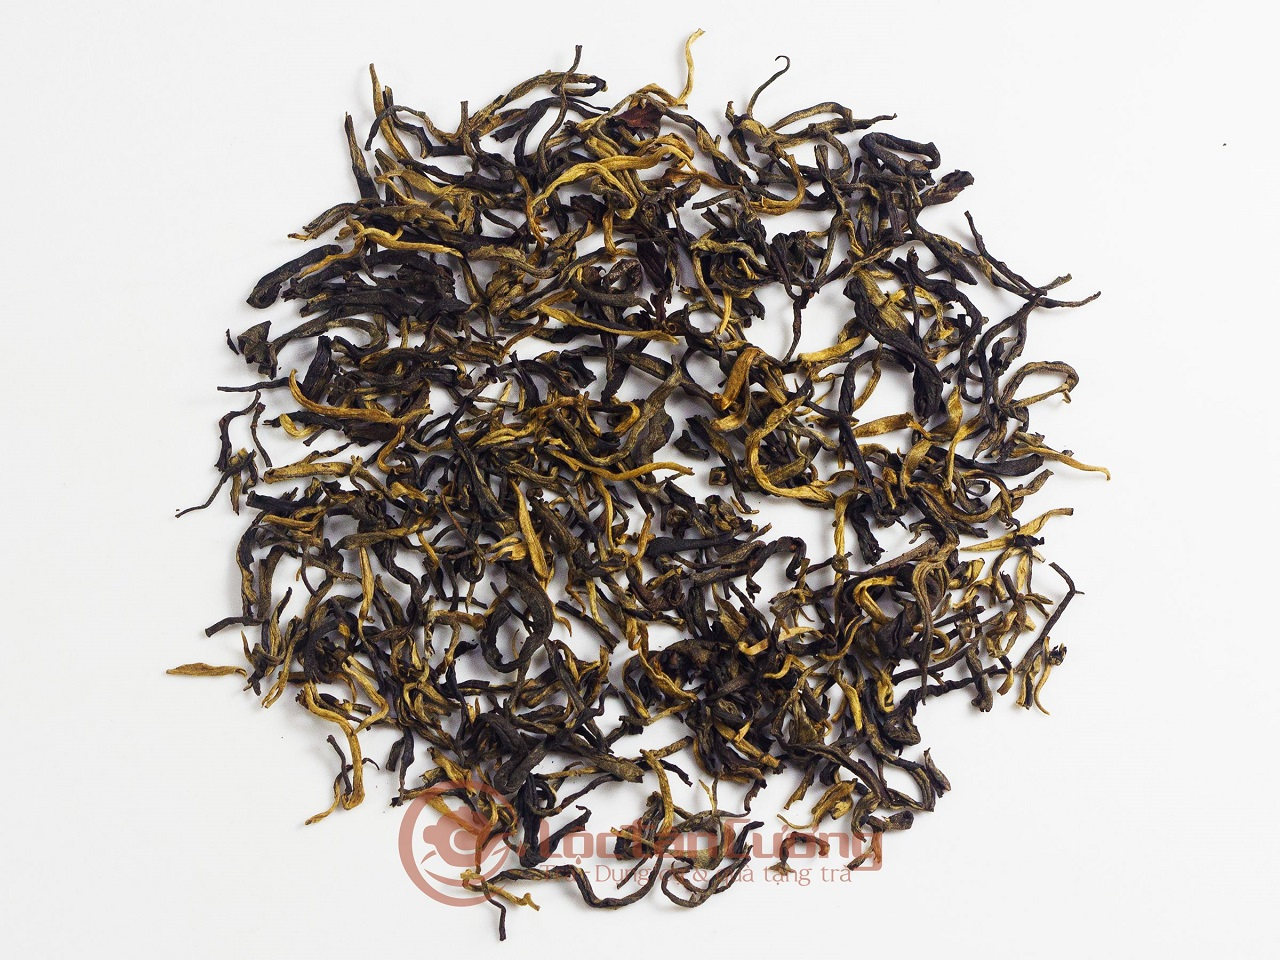 Cánh trà Hồng Shan Trà Hà Giang rất đẹp, xoăn chắc, màu nâu đỏ pha lẫn những búp trà màu trắng do trong quá trình chế biến vẫn giữ lại được những sợi lông tơ.